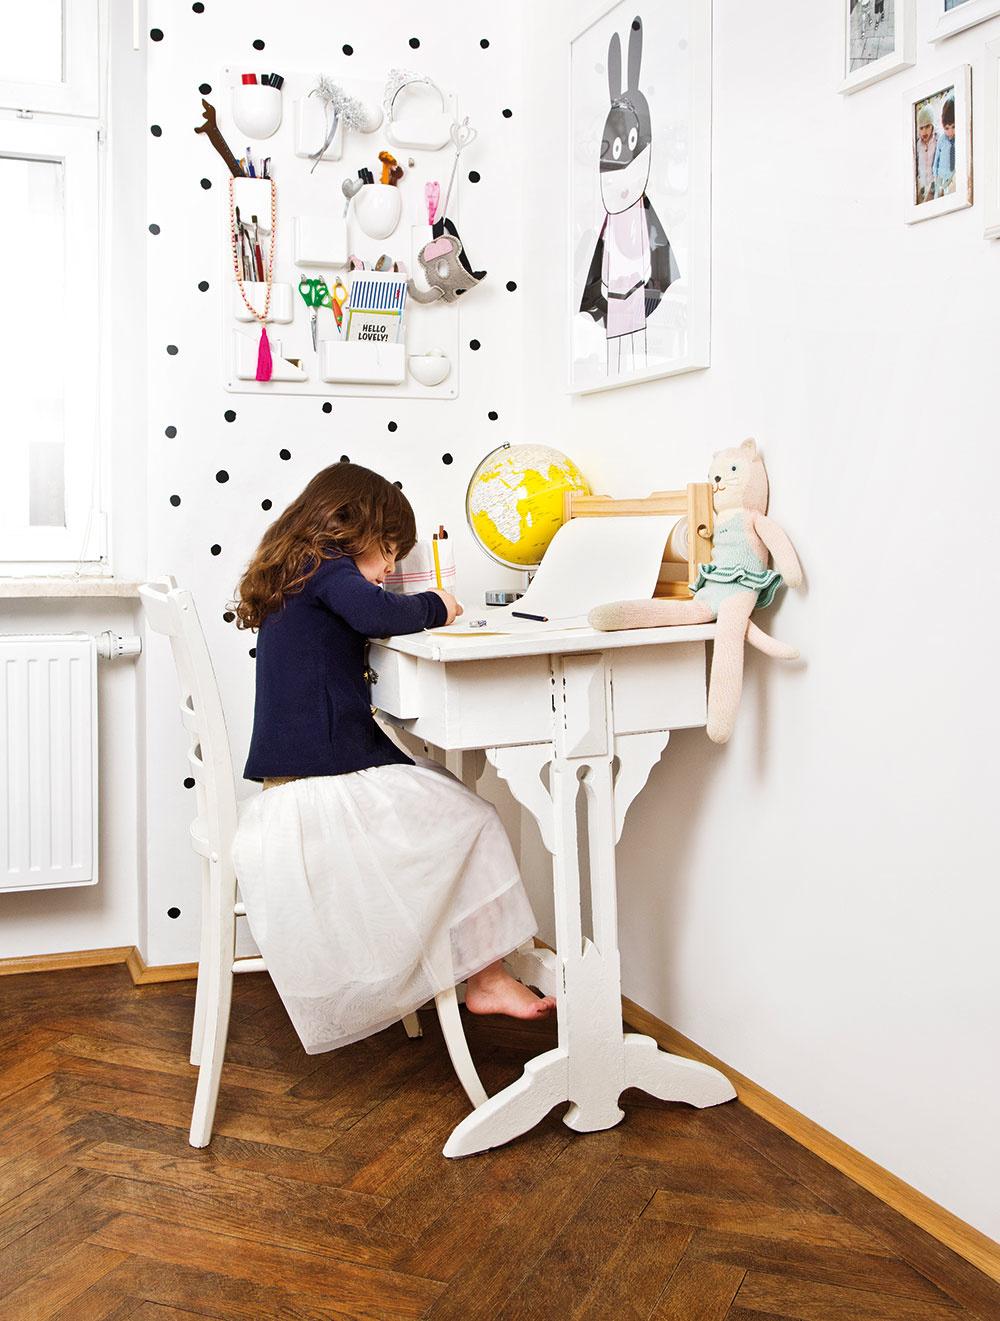 DETSKÁ IZBA V ŠKANDINÁVSKOM ŠTÝLE ladí so zvyškom bytu. Majiteľka nechcela, aby farebne alebo štýlovo vyčnievala najmä preto, že susedí s obývačkou a jedálňou.